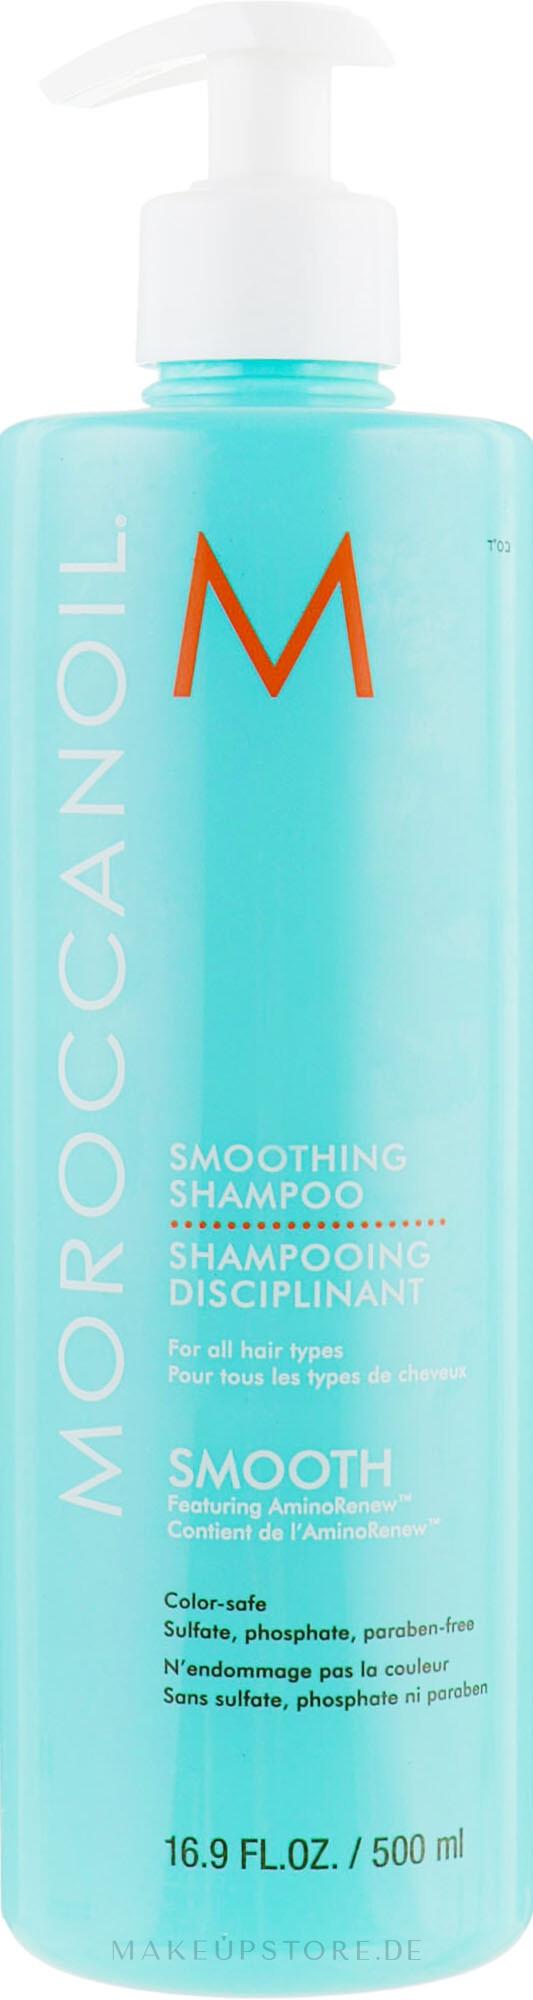 Glättendes, beruhigendes und farbschützendes Shampoo mit Arganöl - MoroccanOil Smoothing Shampoo — Bild 500 ml